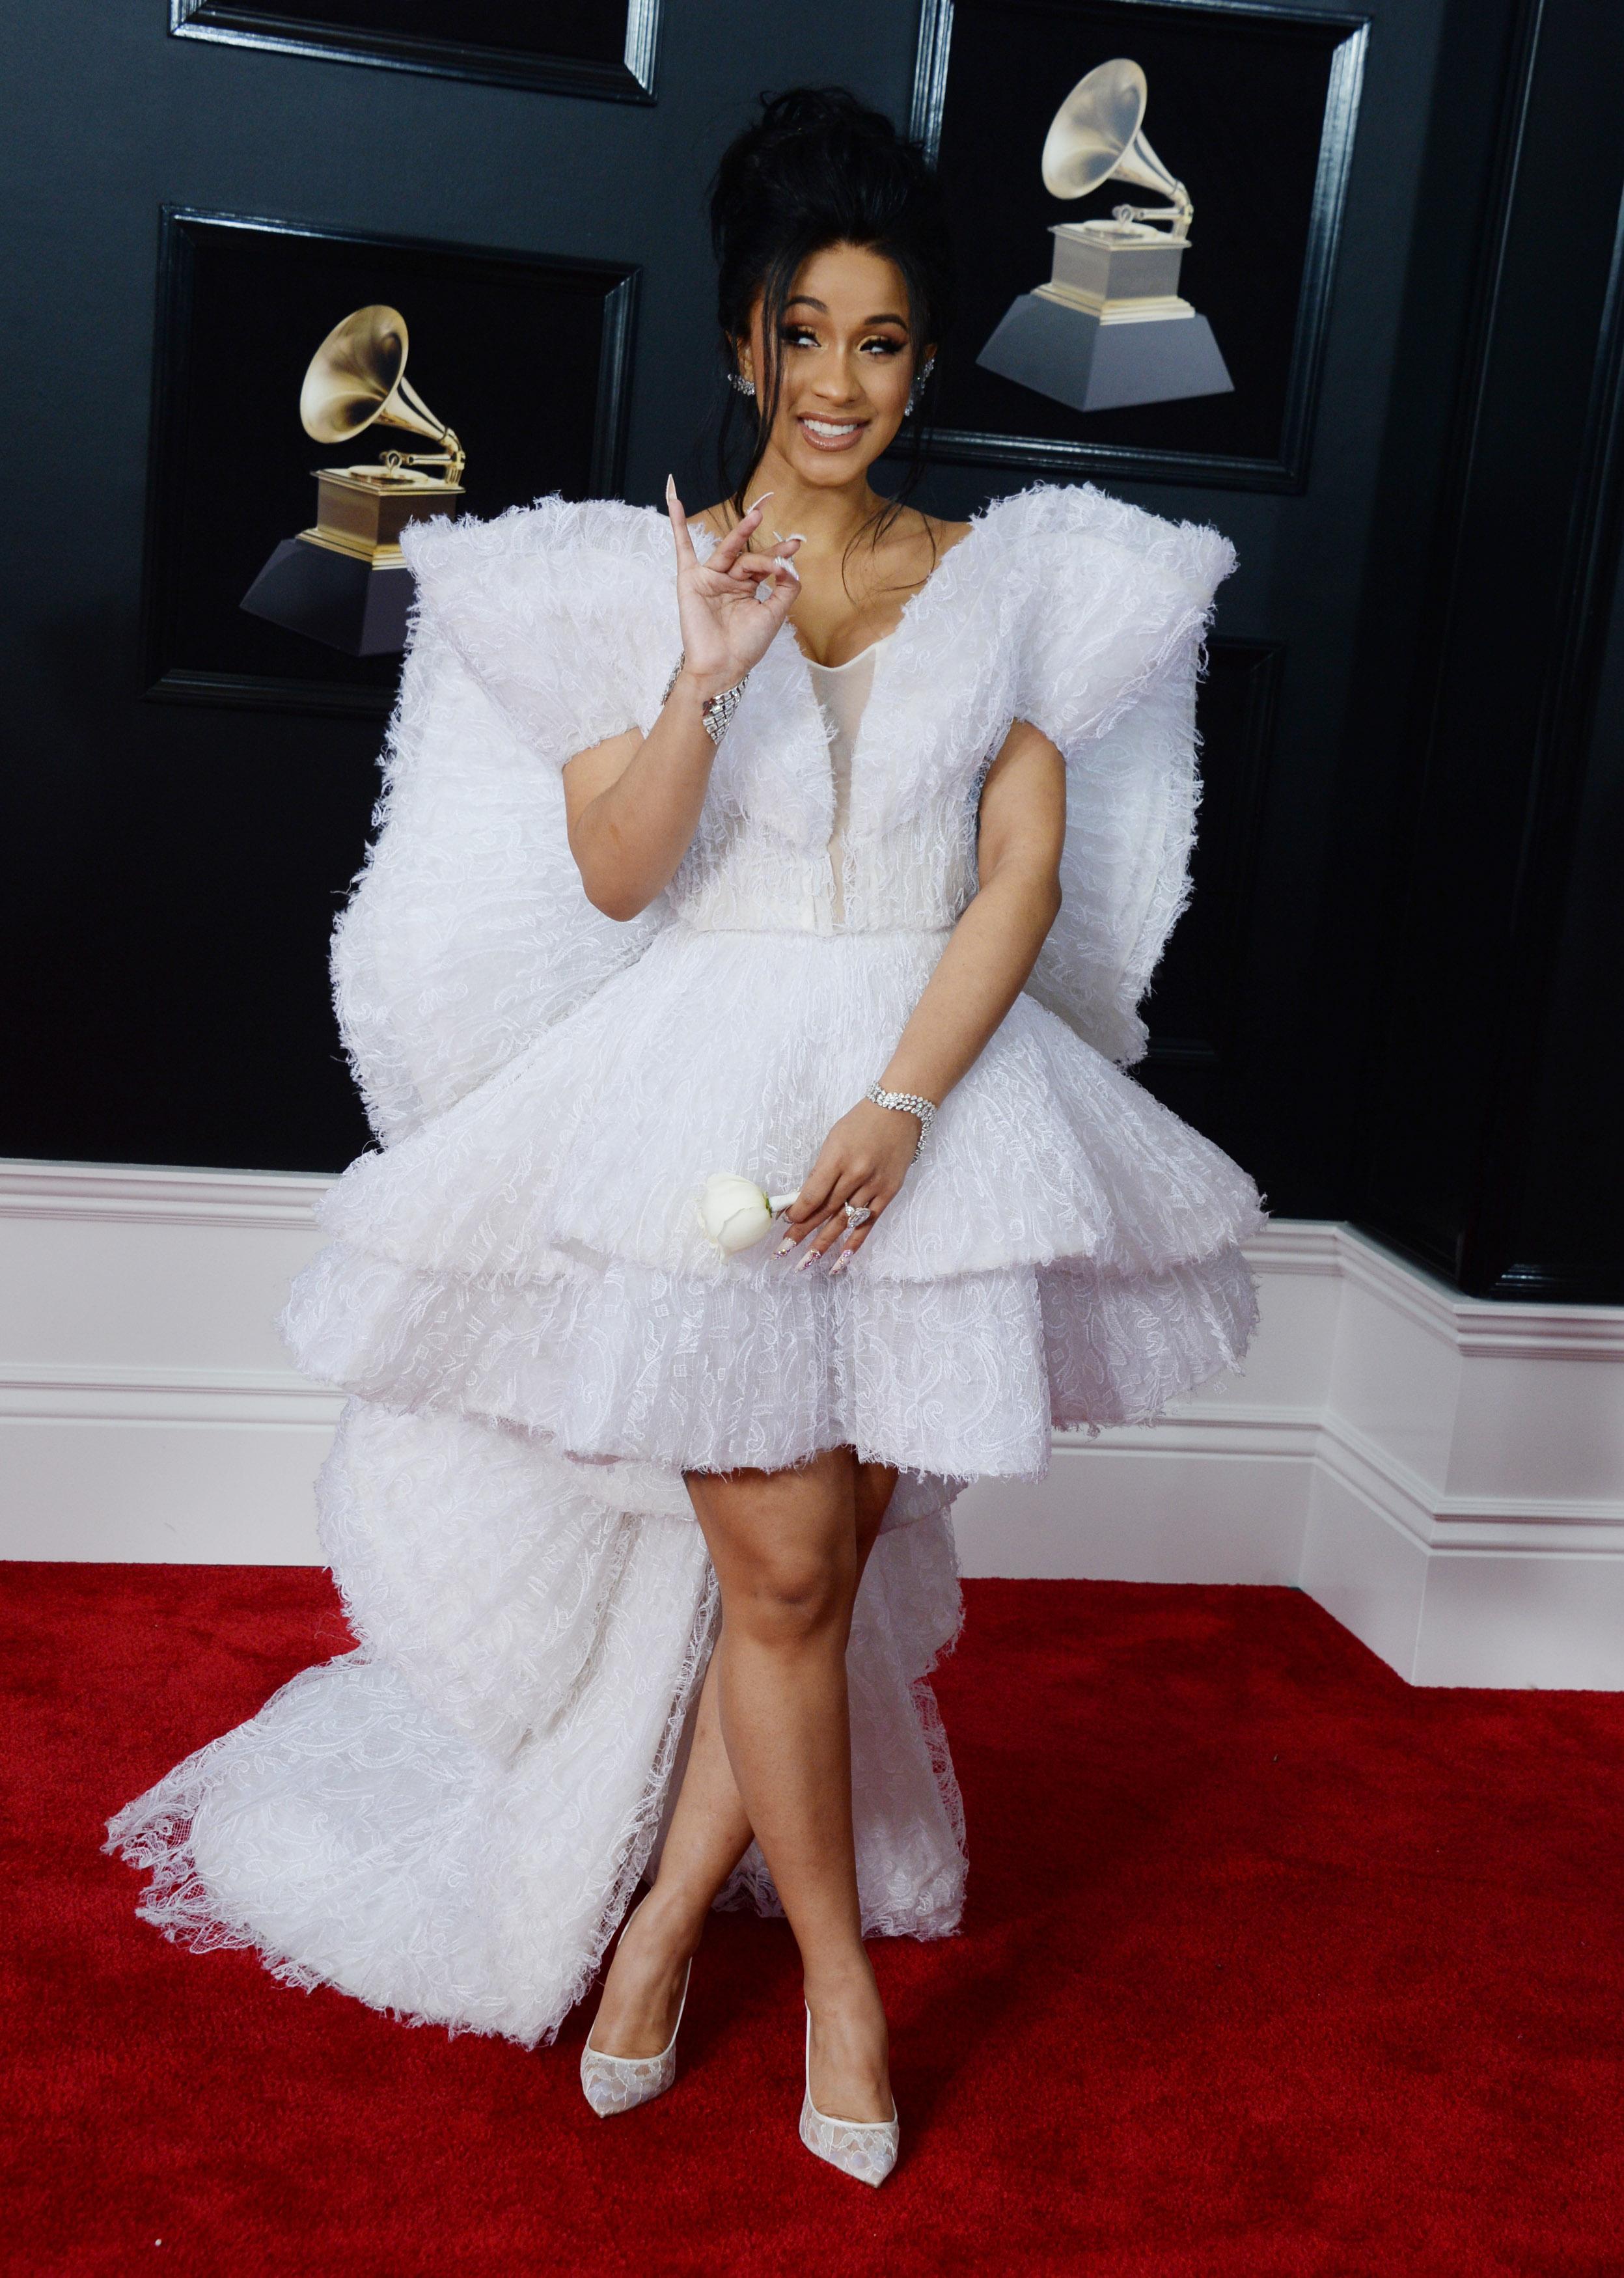 Pink cała w piórach, nożka Rity Ory... Zobacz kreacje na Grammy 2018 (ZDJĘCIA)